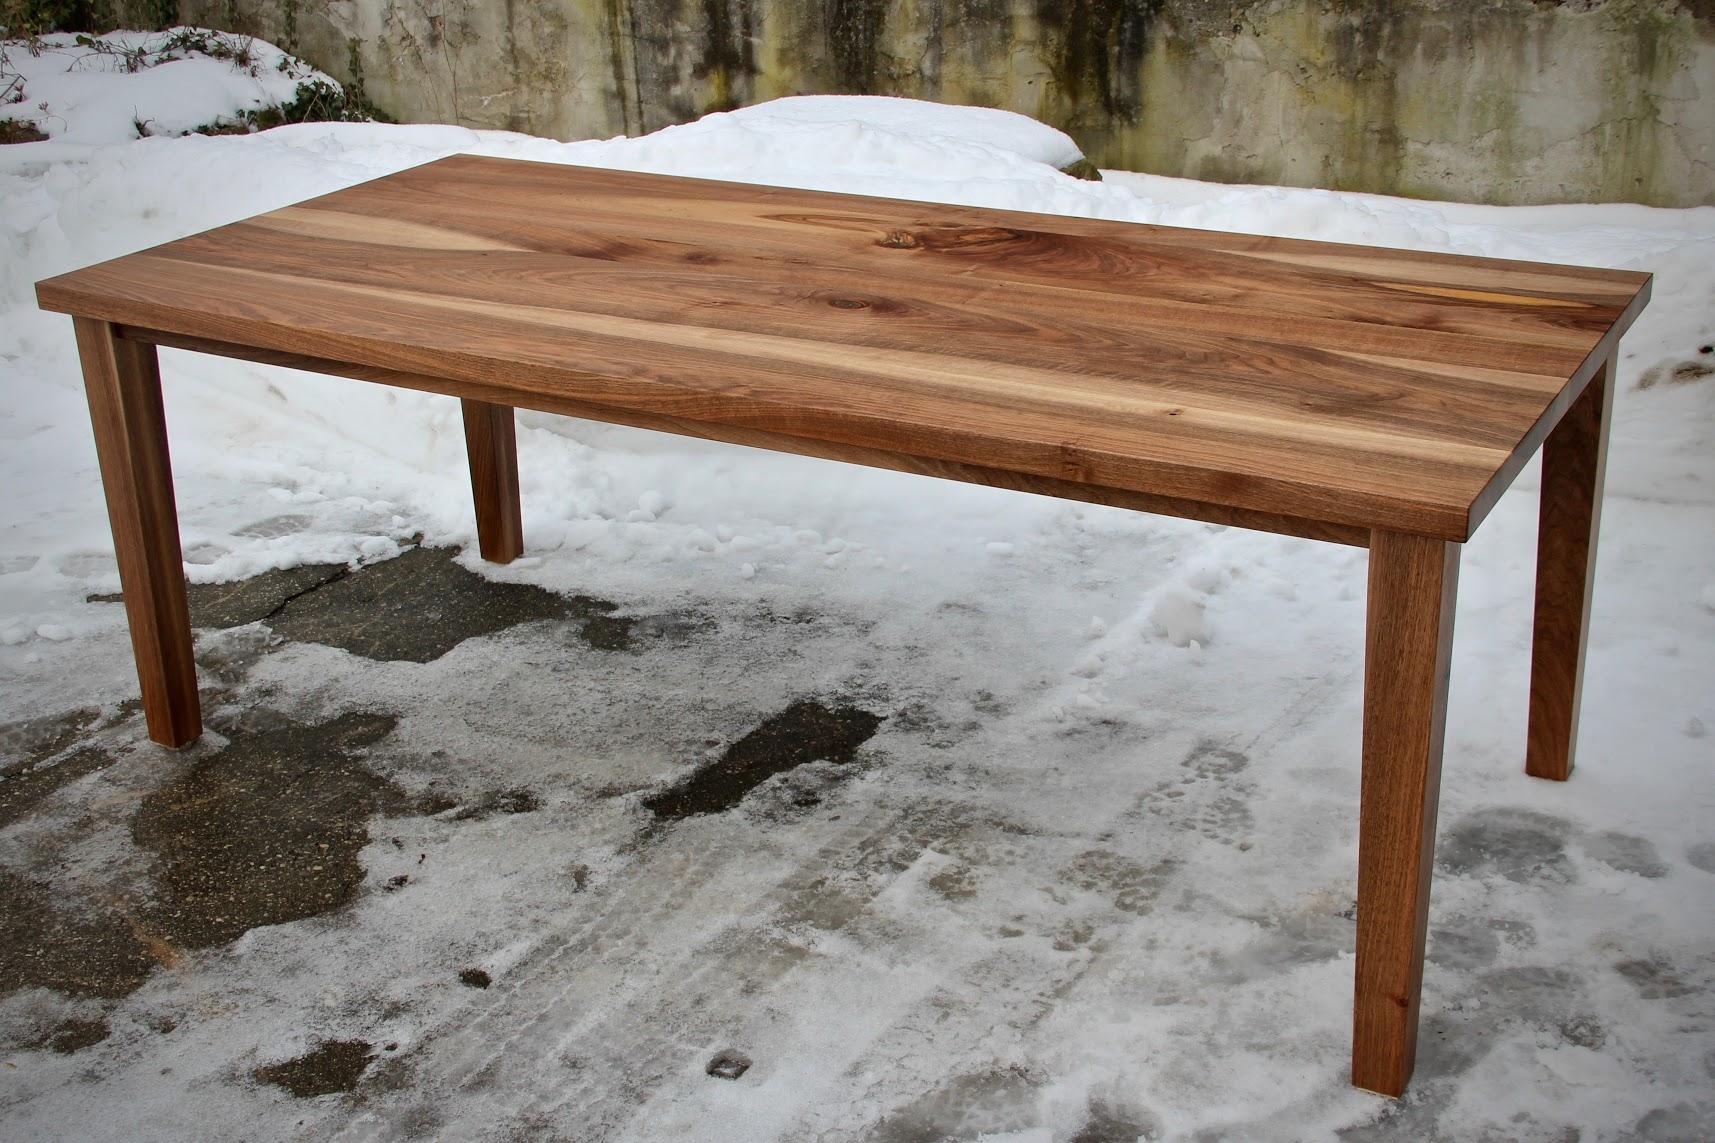 dieser tisch ist aus dem holz eines nussbaumes der einem. Black Bedroom Furniture Sets. Home Design Ideas